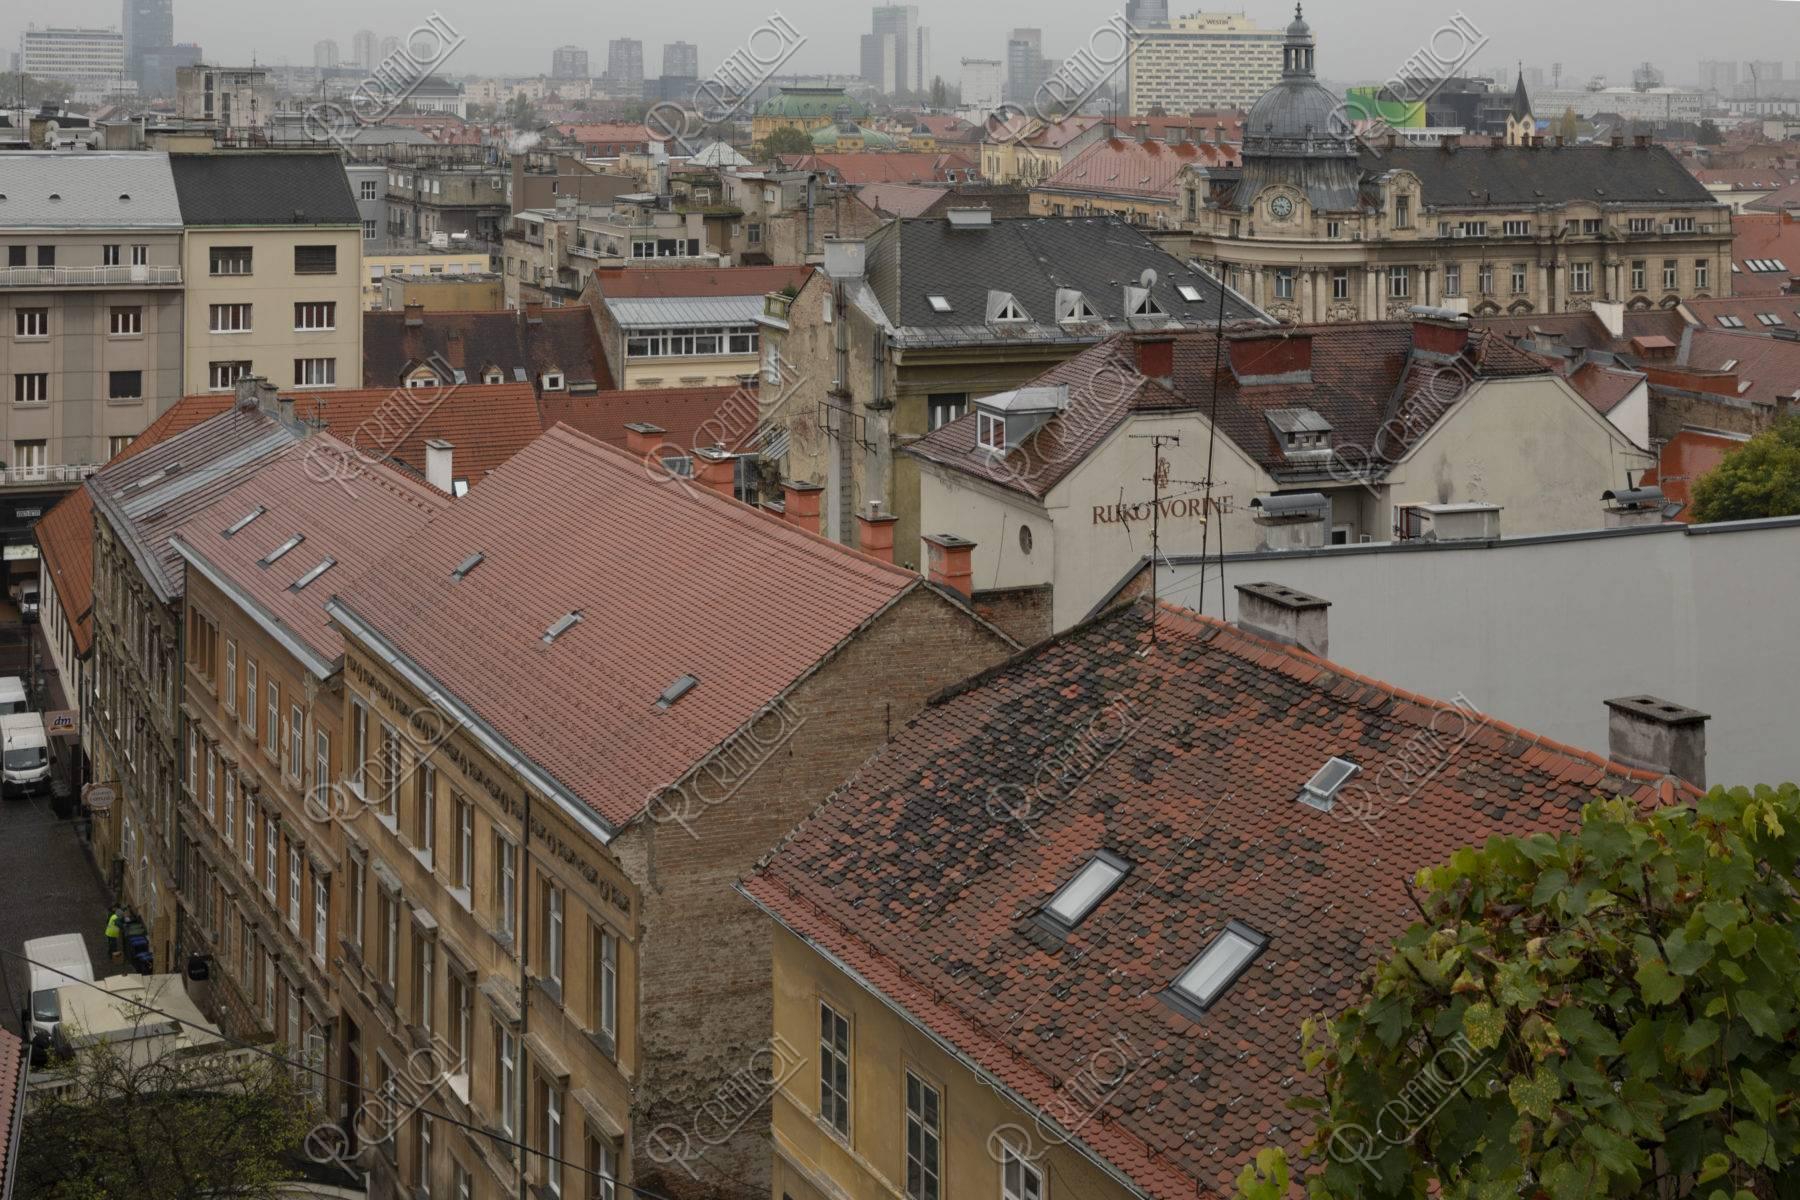 ロトルシュチャック塔の前からの旧市街